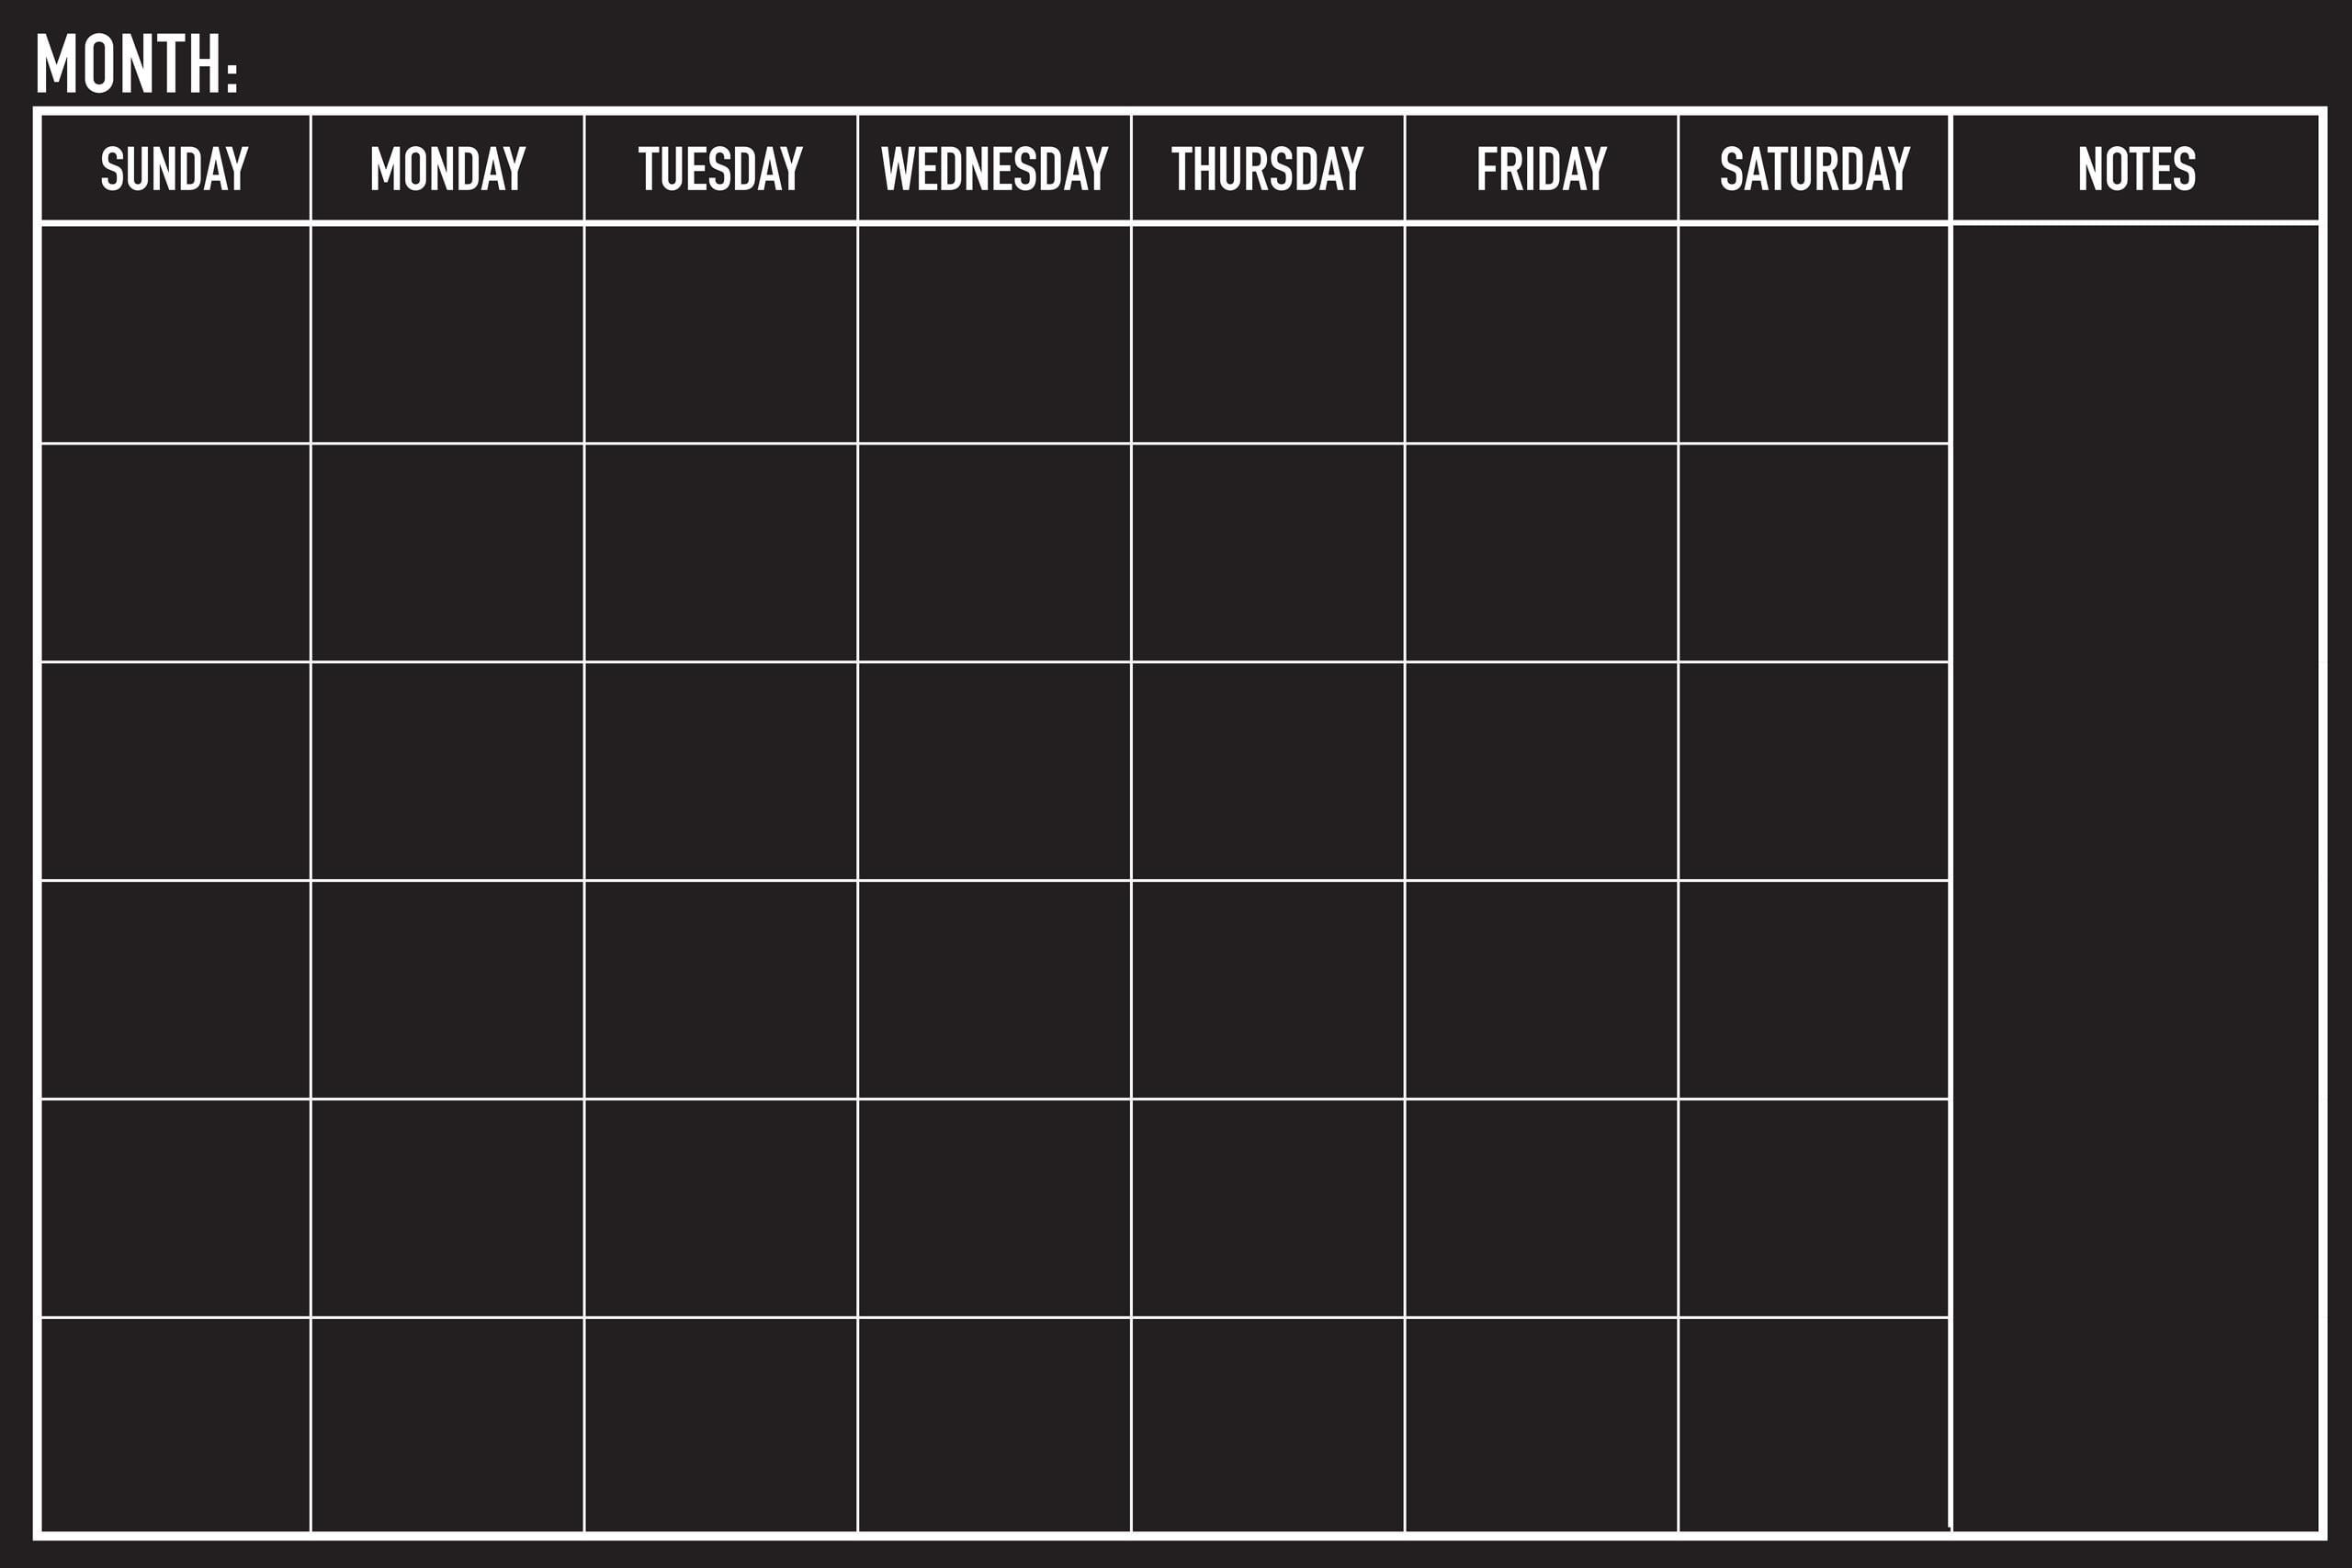 Chalkboard Calendar Walmart : Peter pauper press peel stick month chalkboard calendar